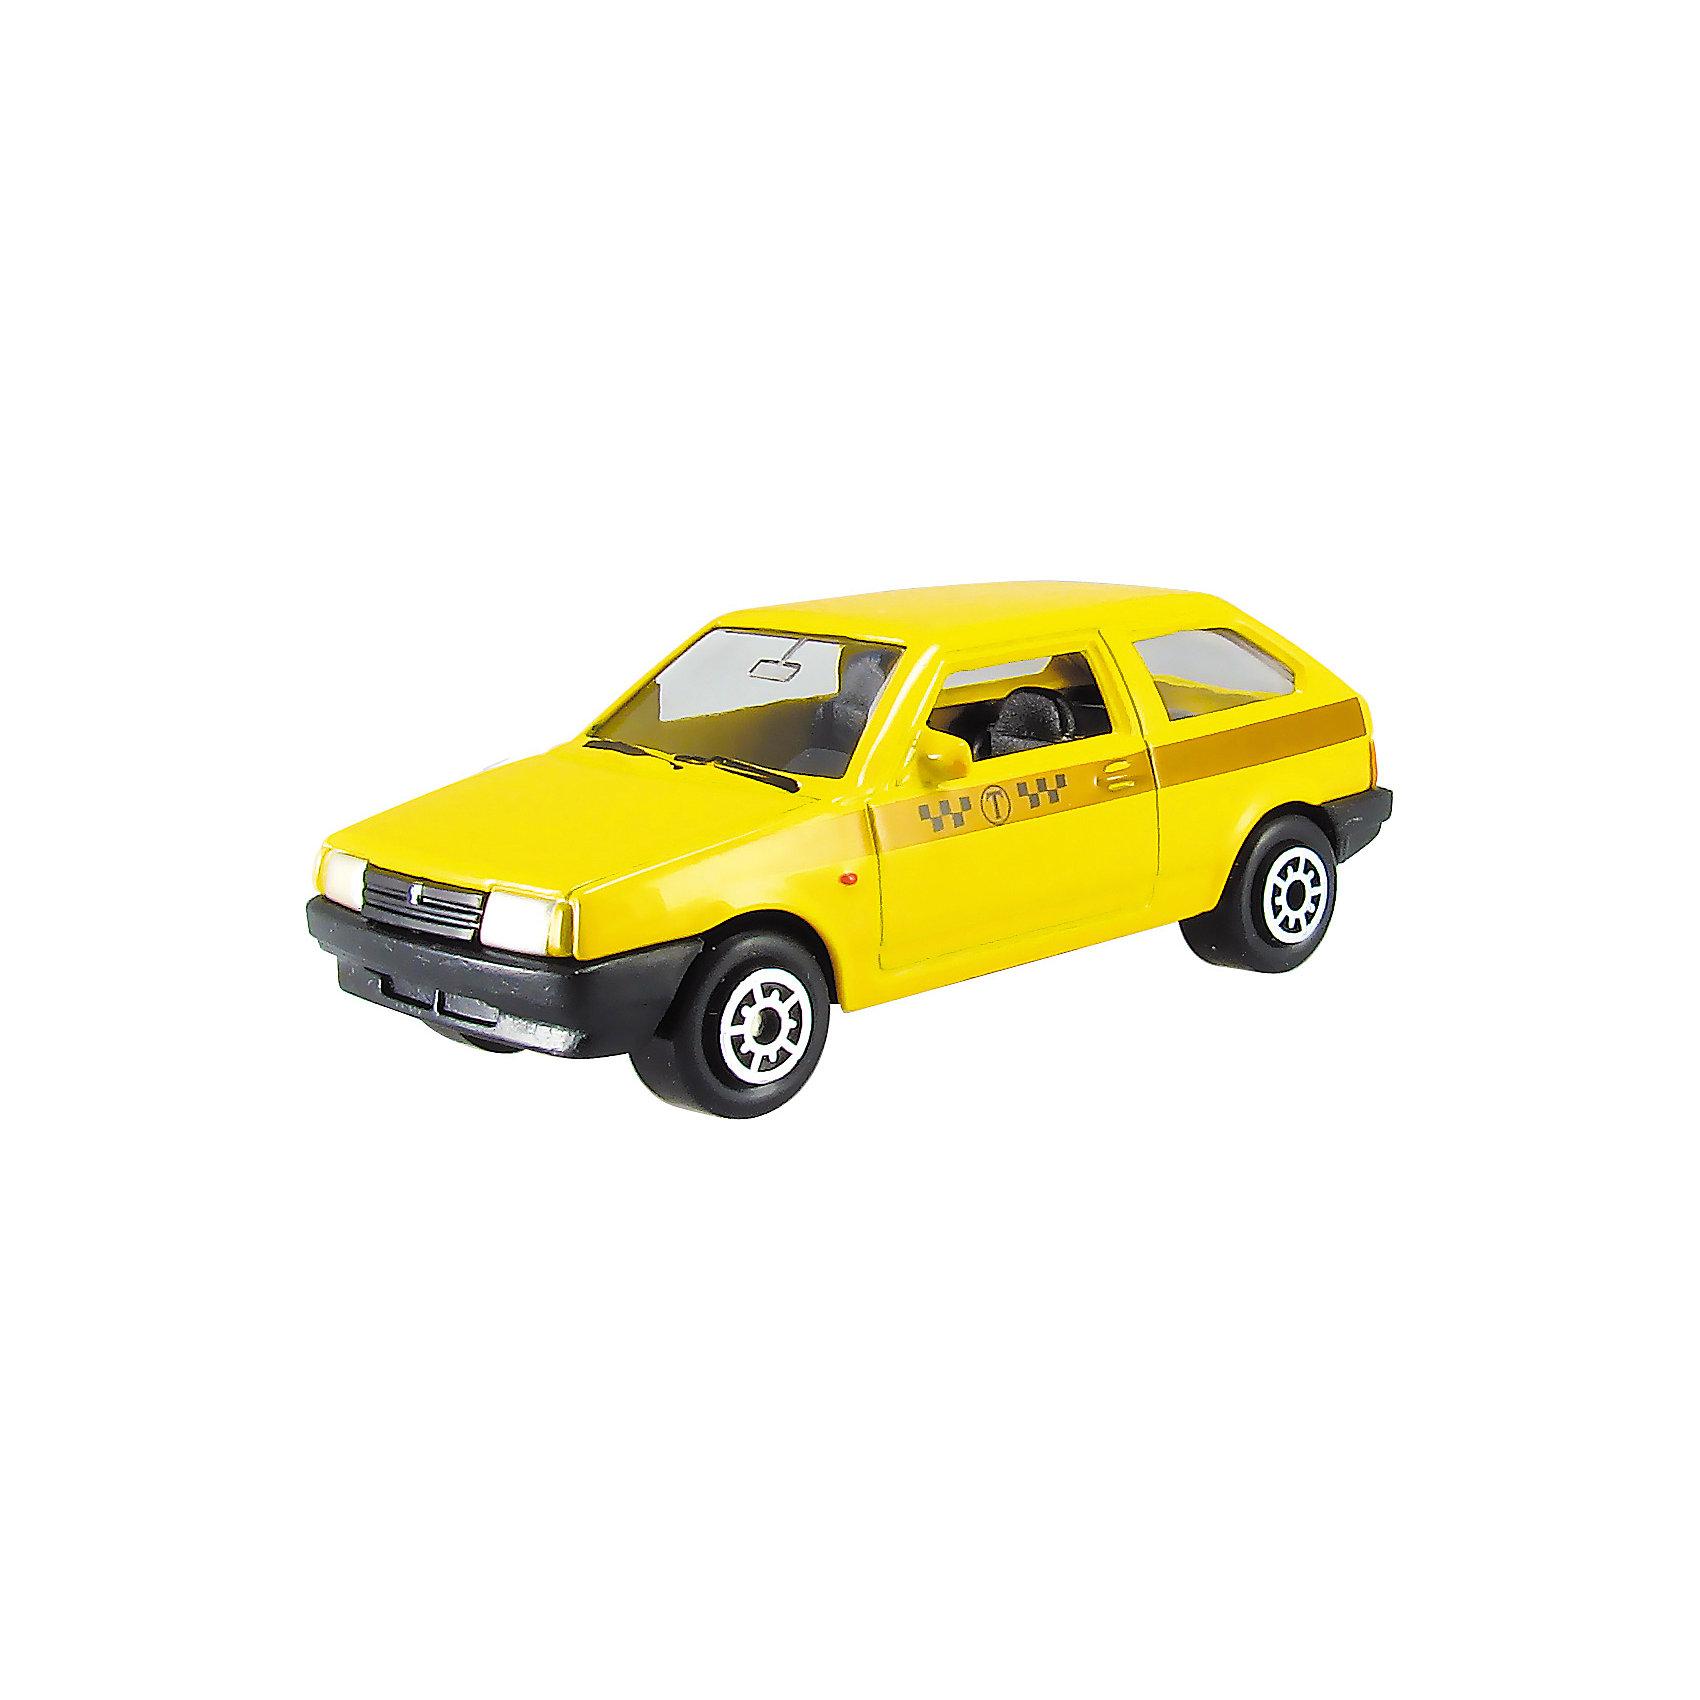 Машинка Lada 2108 такси 1:60, AutotimeМашинки<br>Характеристики товара:<br><br>• цвет: желтый<br>• материал: металл, пластик<br>• размер упаковки: 10 х 4 х 4 см<br>• вес: 100 г<br>• масштаб: 1:60<br>• инерционная<br>• хорошая детализация<br>• открываются двери<br>• вращаются колеса<br>• коллекционная<br>• страна бренда: Россия<br>• страна производства: Китай<br><br>Эта металлическая машинка от бренда AUTOTIME придется по душе мальчикам. Это идеальный подарок для ценителя и коллекционера автомобилей, которые выполнены с подробной детализацией. Игрушка является настоящей копией машины! Двери машинки открываются свободно, колеса вращаются. Поэтому она может стать и частью коллекции, и выступать отдельной игрушкой.<br><br>Машинка может выполнять сразу несколько функций: развлекать ребенка, помогать вырабатывать практические качества: ловкость, координацию, мелкую моторику. Также в процессе увлекательной игры развивается фантазия ребенка. Изделие выполнено из сертифицированных материалов, безопасных для детей.<br><br>Машинку Lada 2108 такси от бренда AUTOTIME можно купить в нашем интернет-магазине.<br><br>Ширина мм: 100<br>Глубина мм: 40<br>Высота мм: 40<br>Вес г: 16<br>Возраст от месяцев: 36<br>Возраст до месяцев: 2147483647<br>Пол: Мужской<br>Возраст: Детский<br>SKU: 5584009